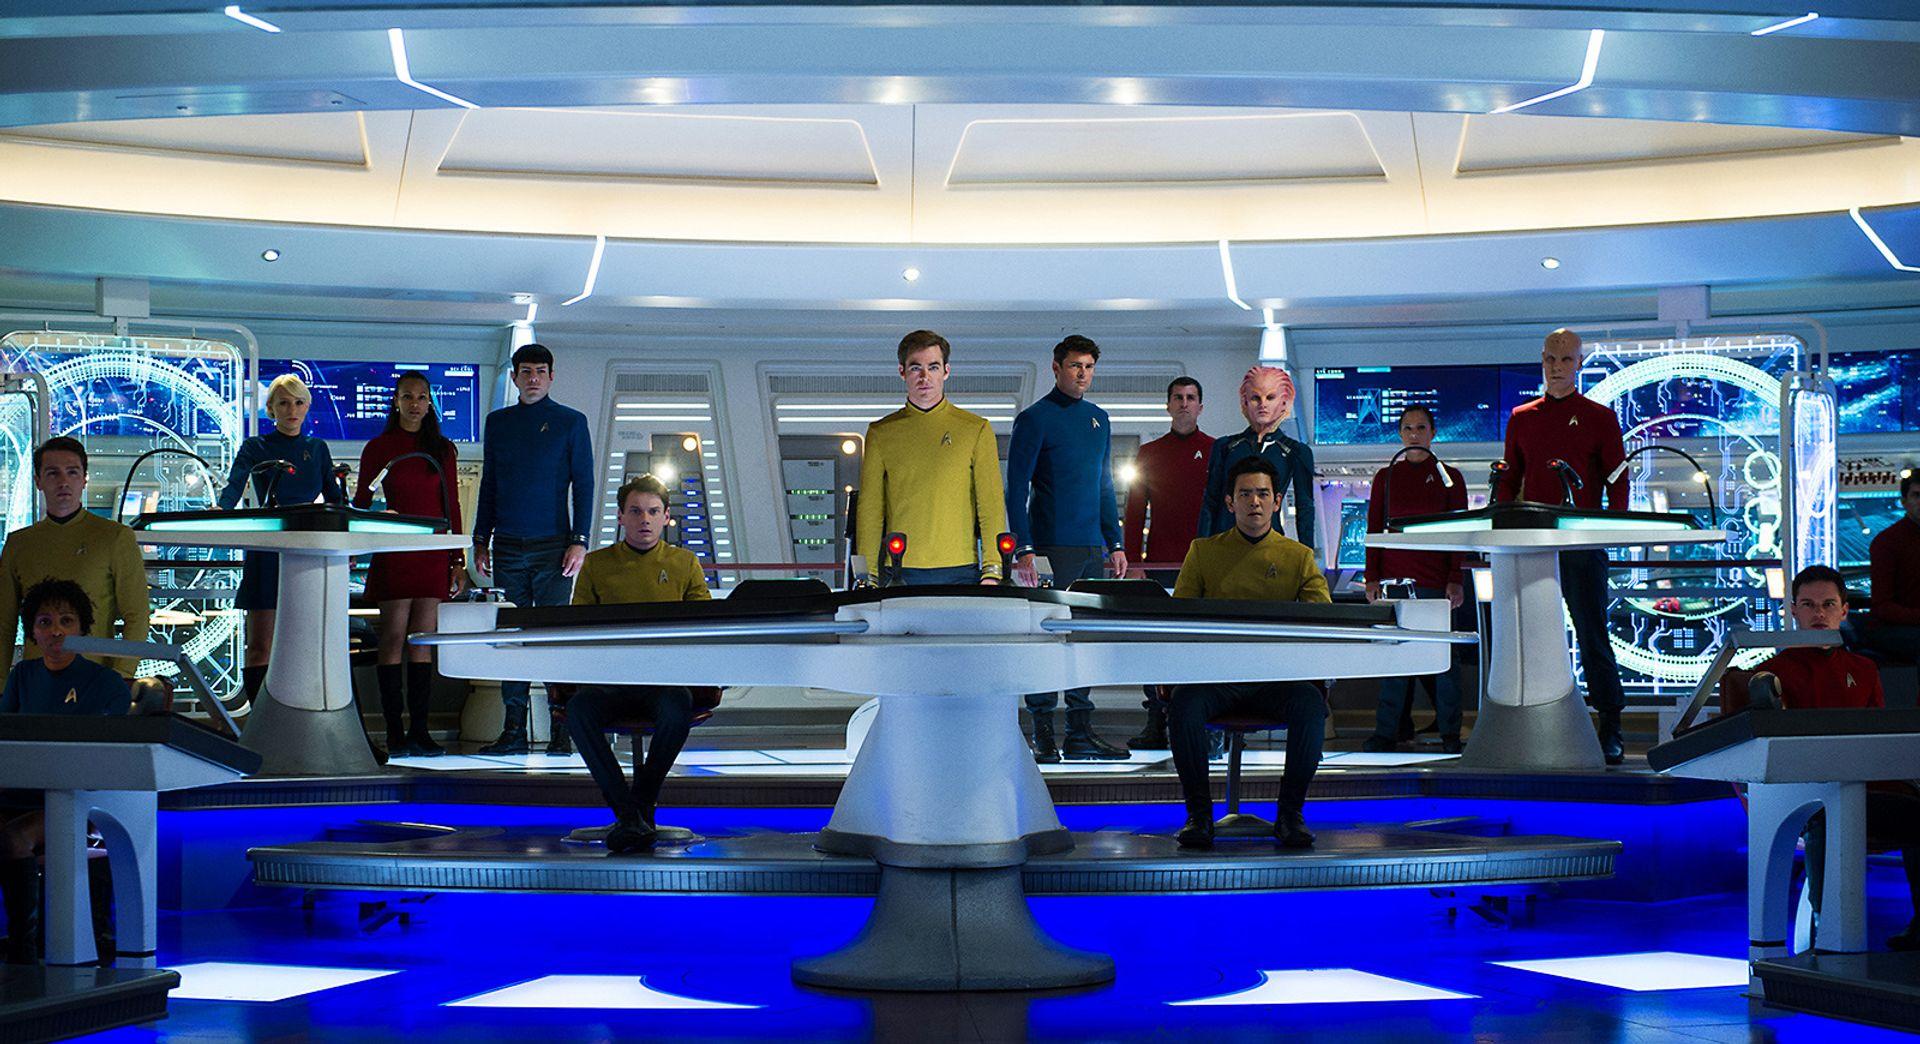 ANNONSE: Er du en Spock eller en Kirk? Eller kanskje en Uhura? Ta quizen!